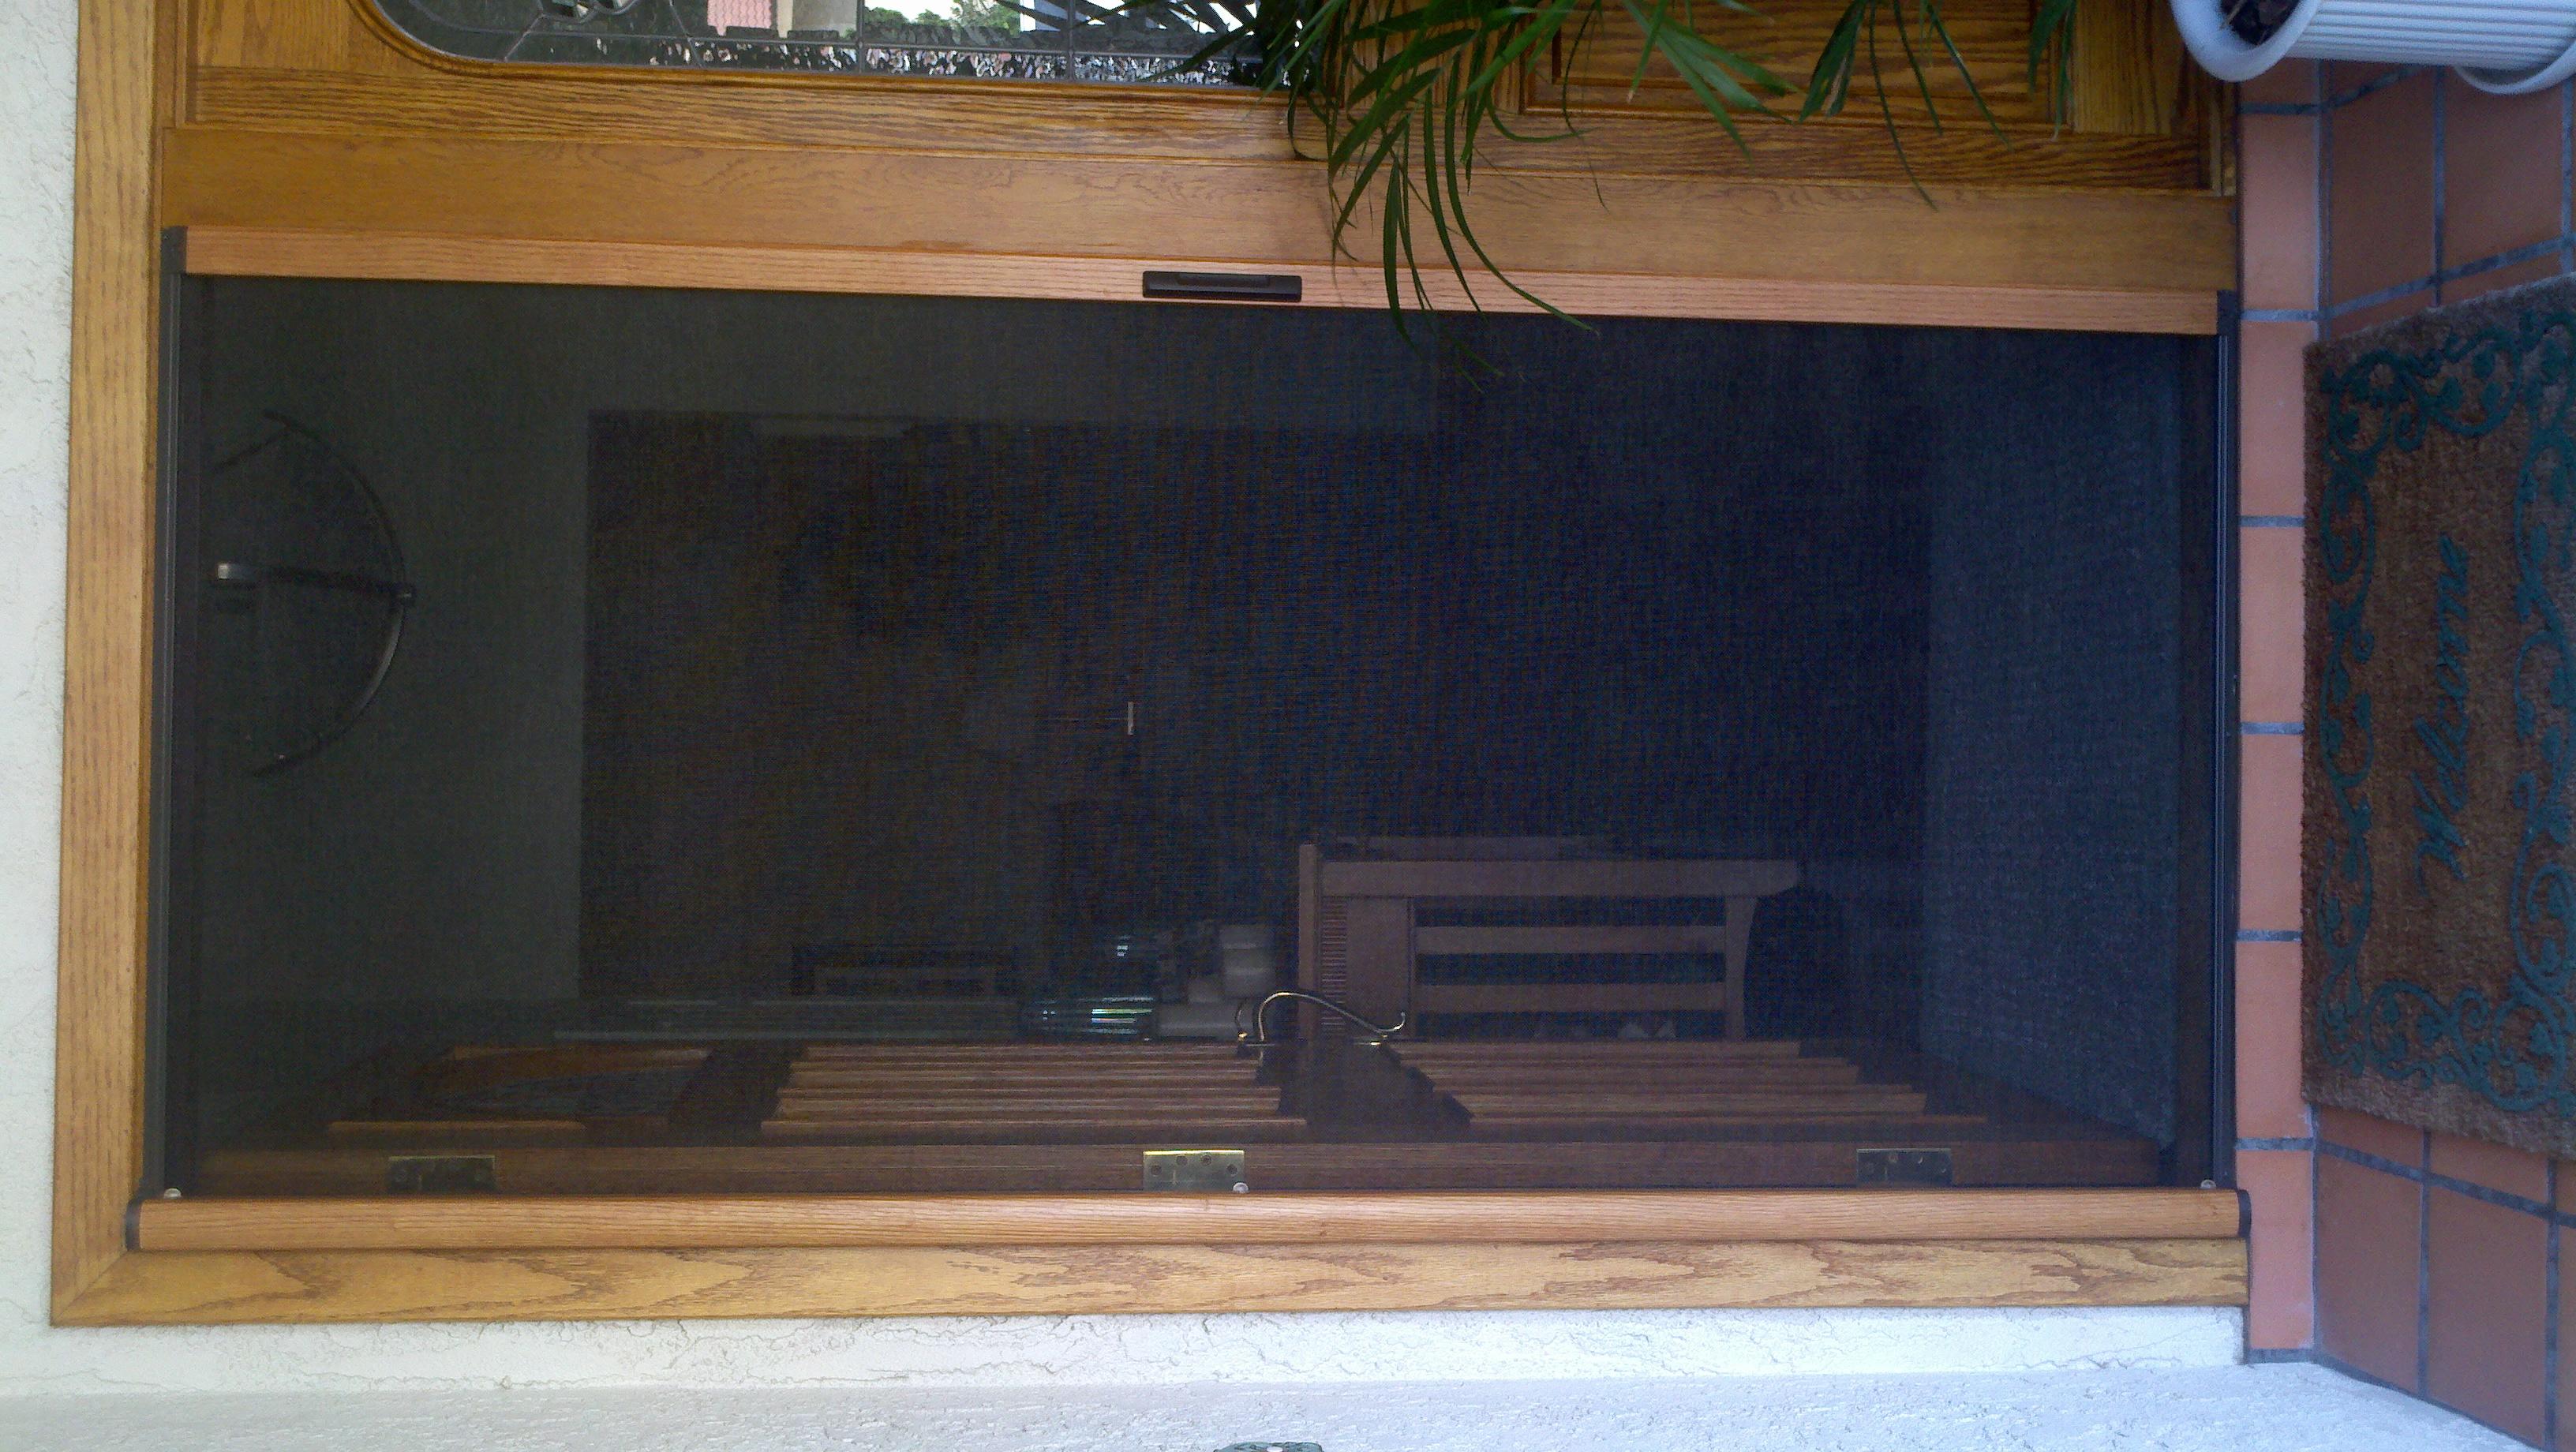 glass wooden wood swinging expert tbar regal homedesignlatest door i panels doors installer with site front think storm panel